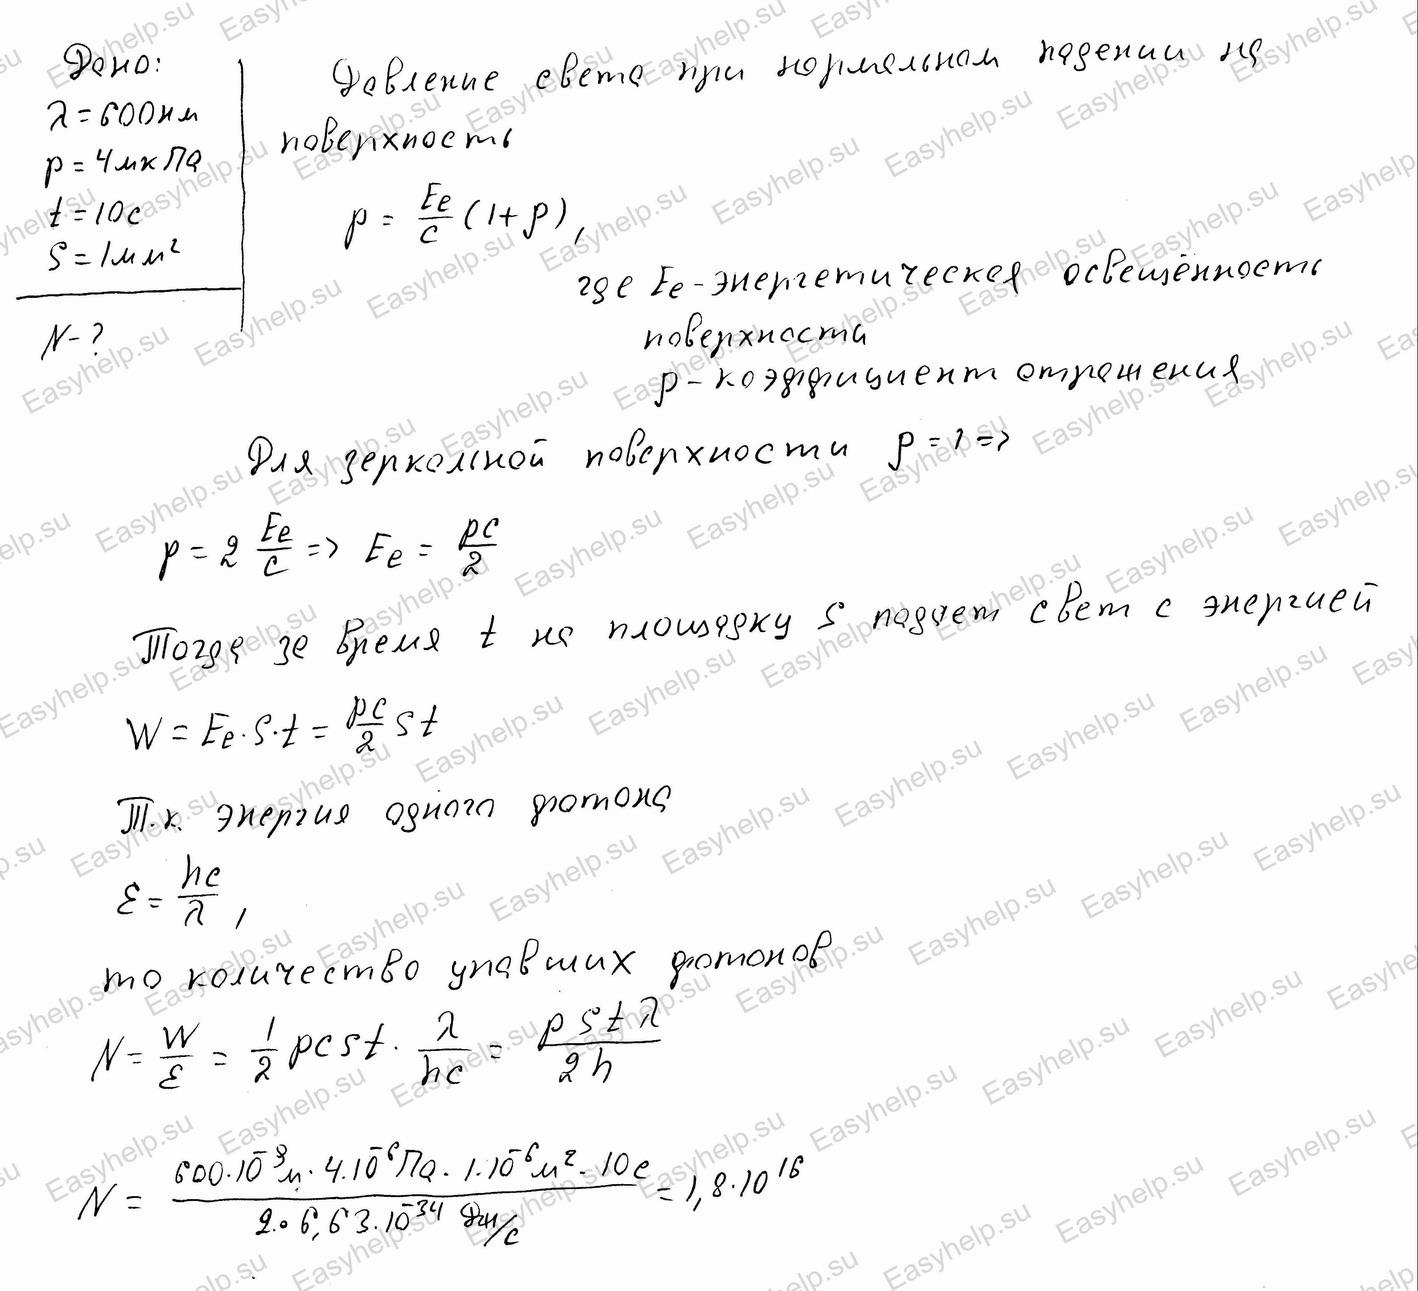 Студентам в помощь решение задач по физике решение задач по теоретической механики онлайн бесплатно